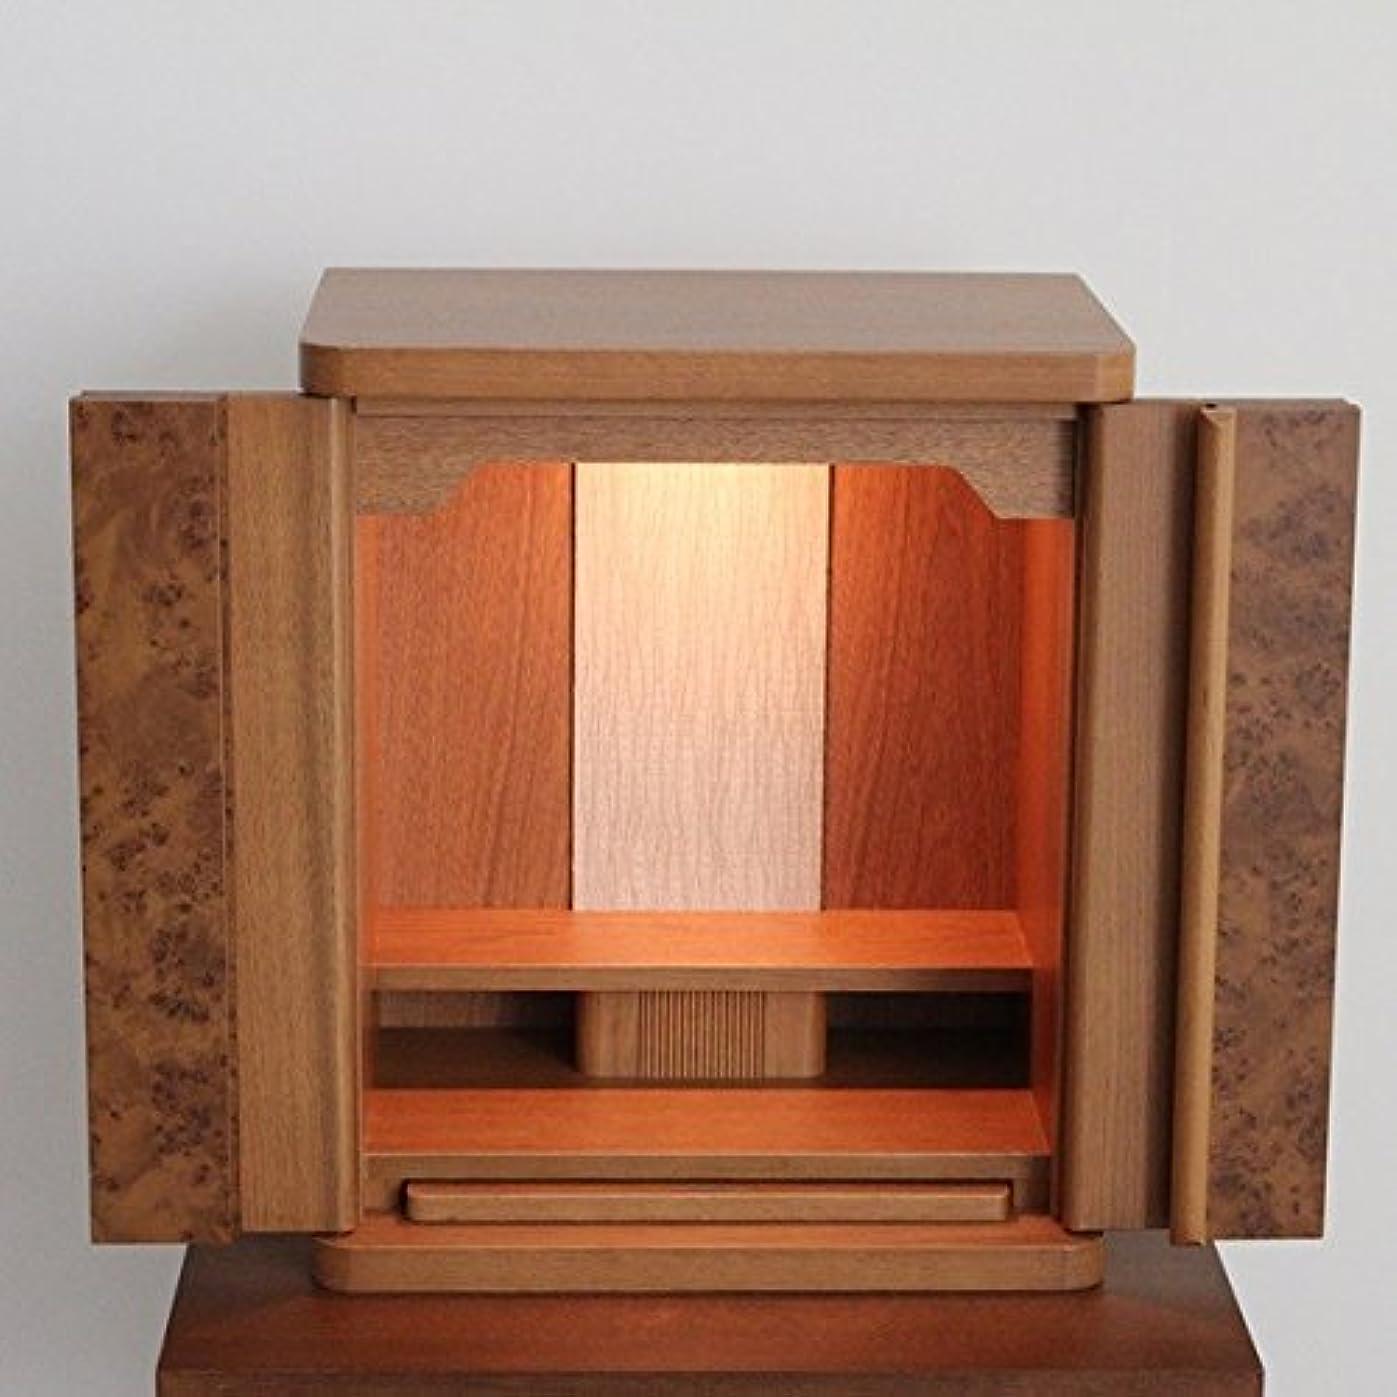 付ける不快な刺激する仏壇 国産 14号 家具調モダン仏壇 小型 クルミ総張材 玉木仕上げ